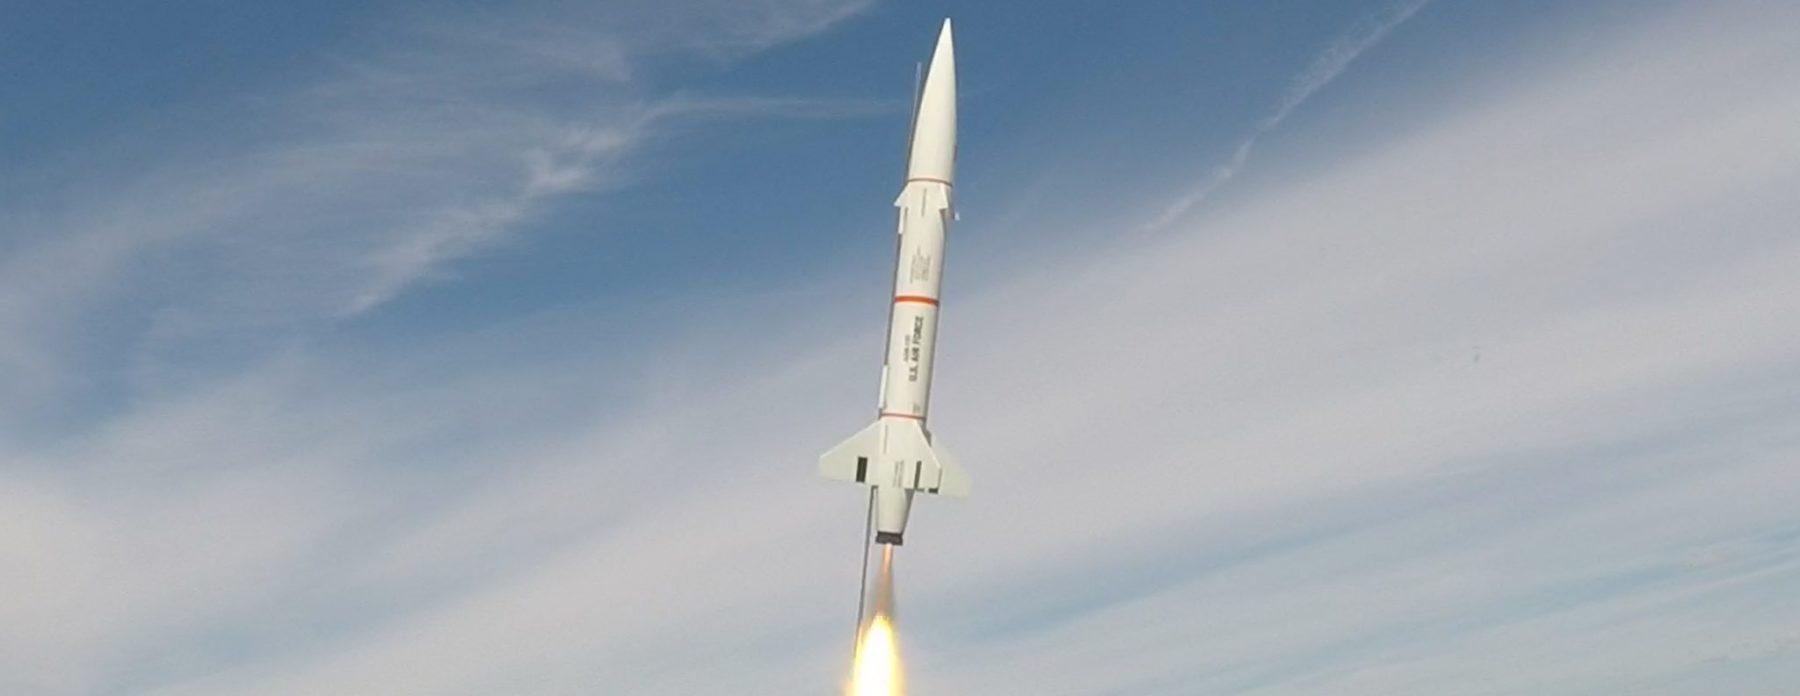 Cambridge Rocket Club